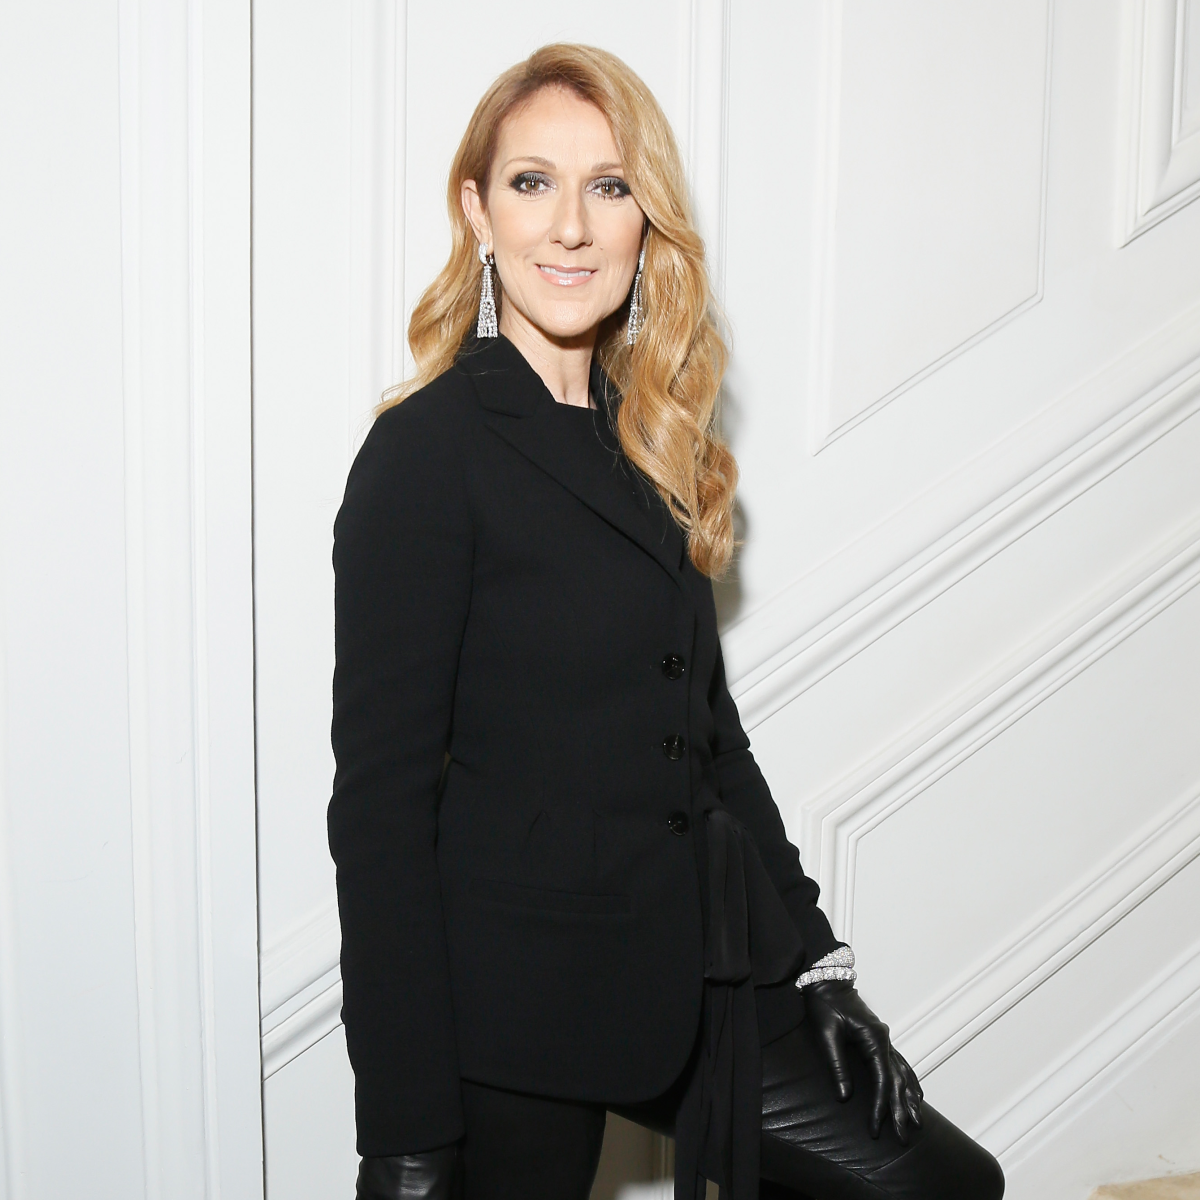 Celine Dion at Dior haute couture runway show Paris